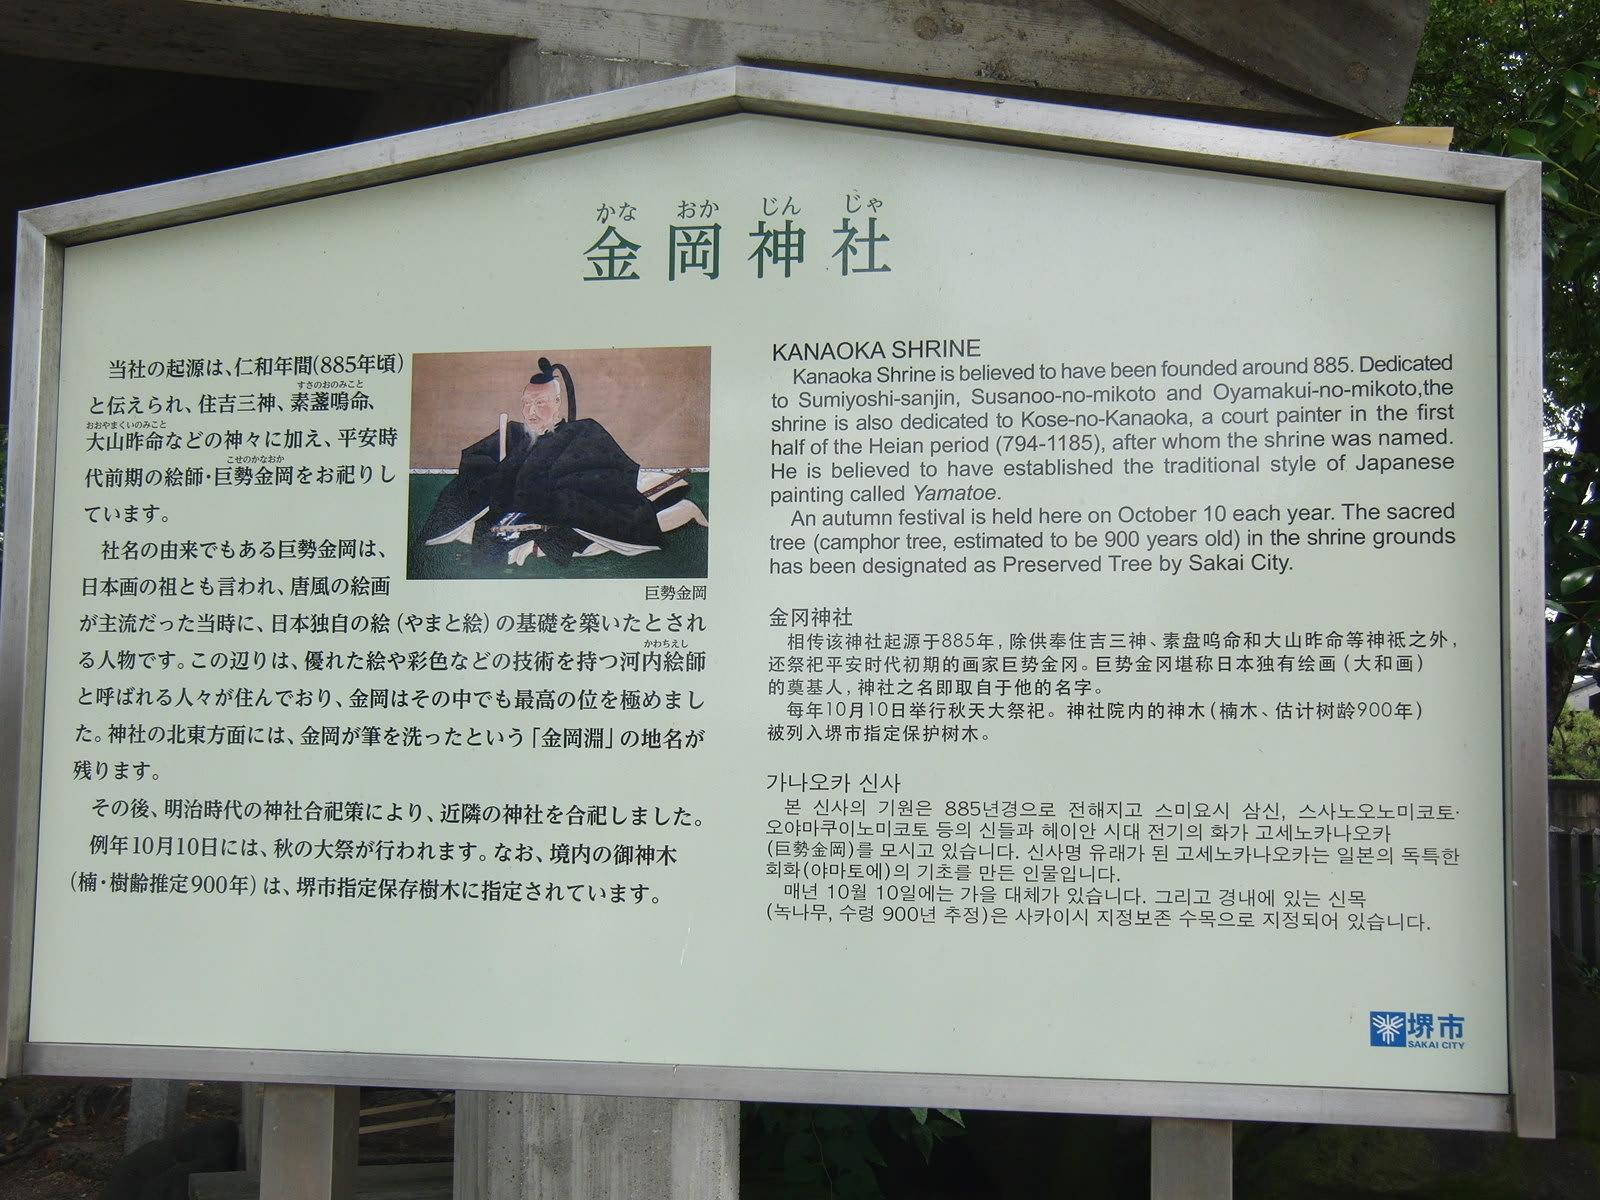 自転車の 自転車 練習 場所 大阪 : その他泉北周辺 - 緑いっぱいの ...